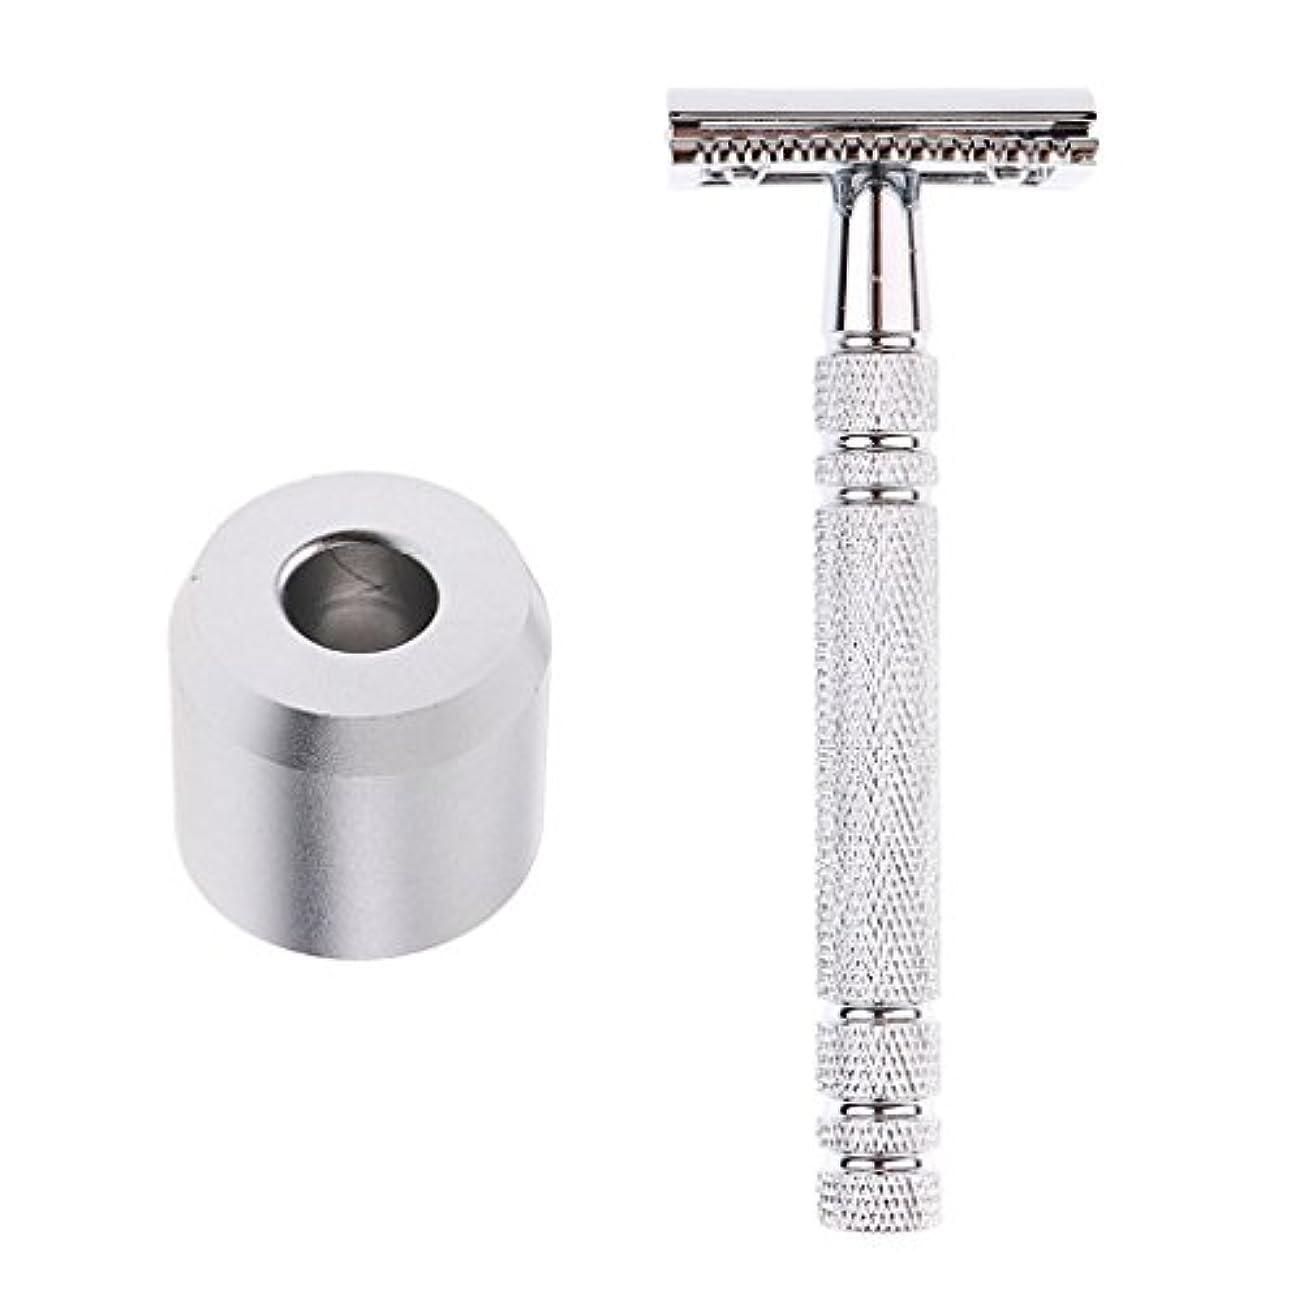 Baosity シェービング用 シェービング カミソリ シェービングスタンド スタンドベース ダブルエッジ剃刀 金属材料 メンズ 2色選べる - 銀